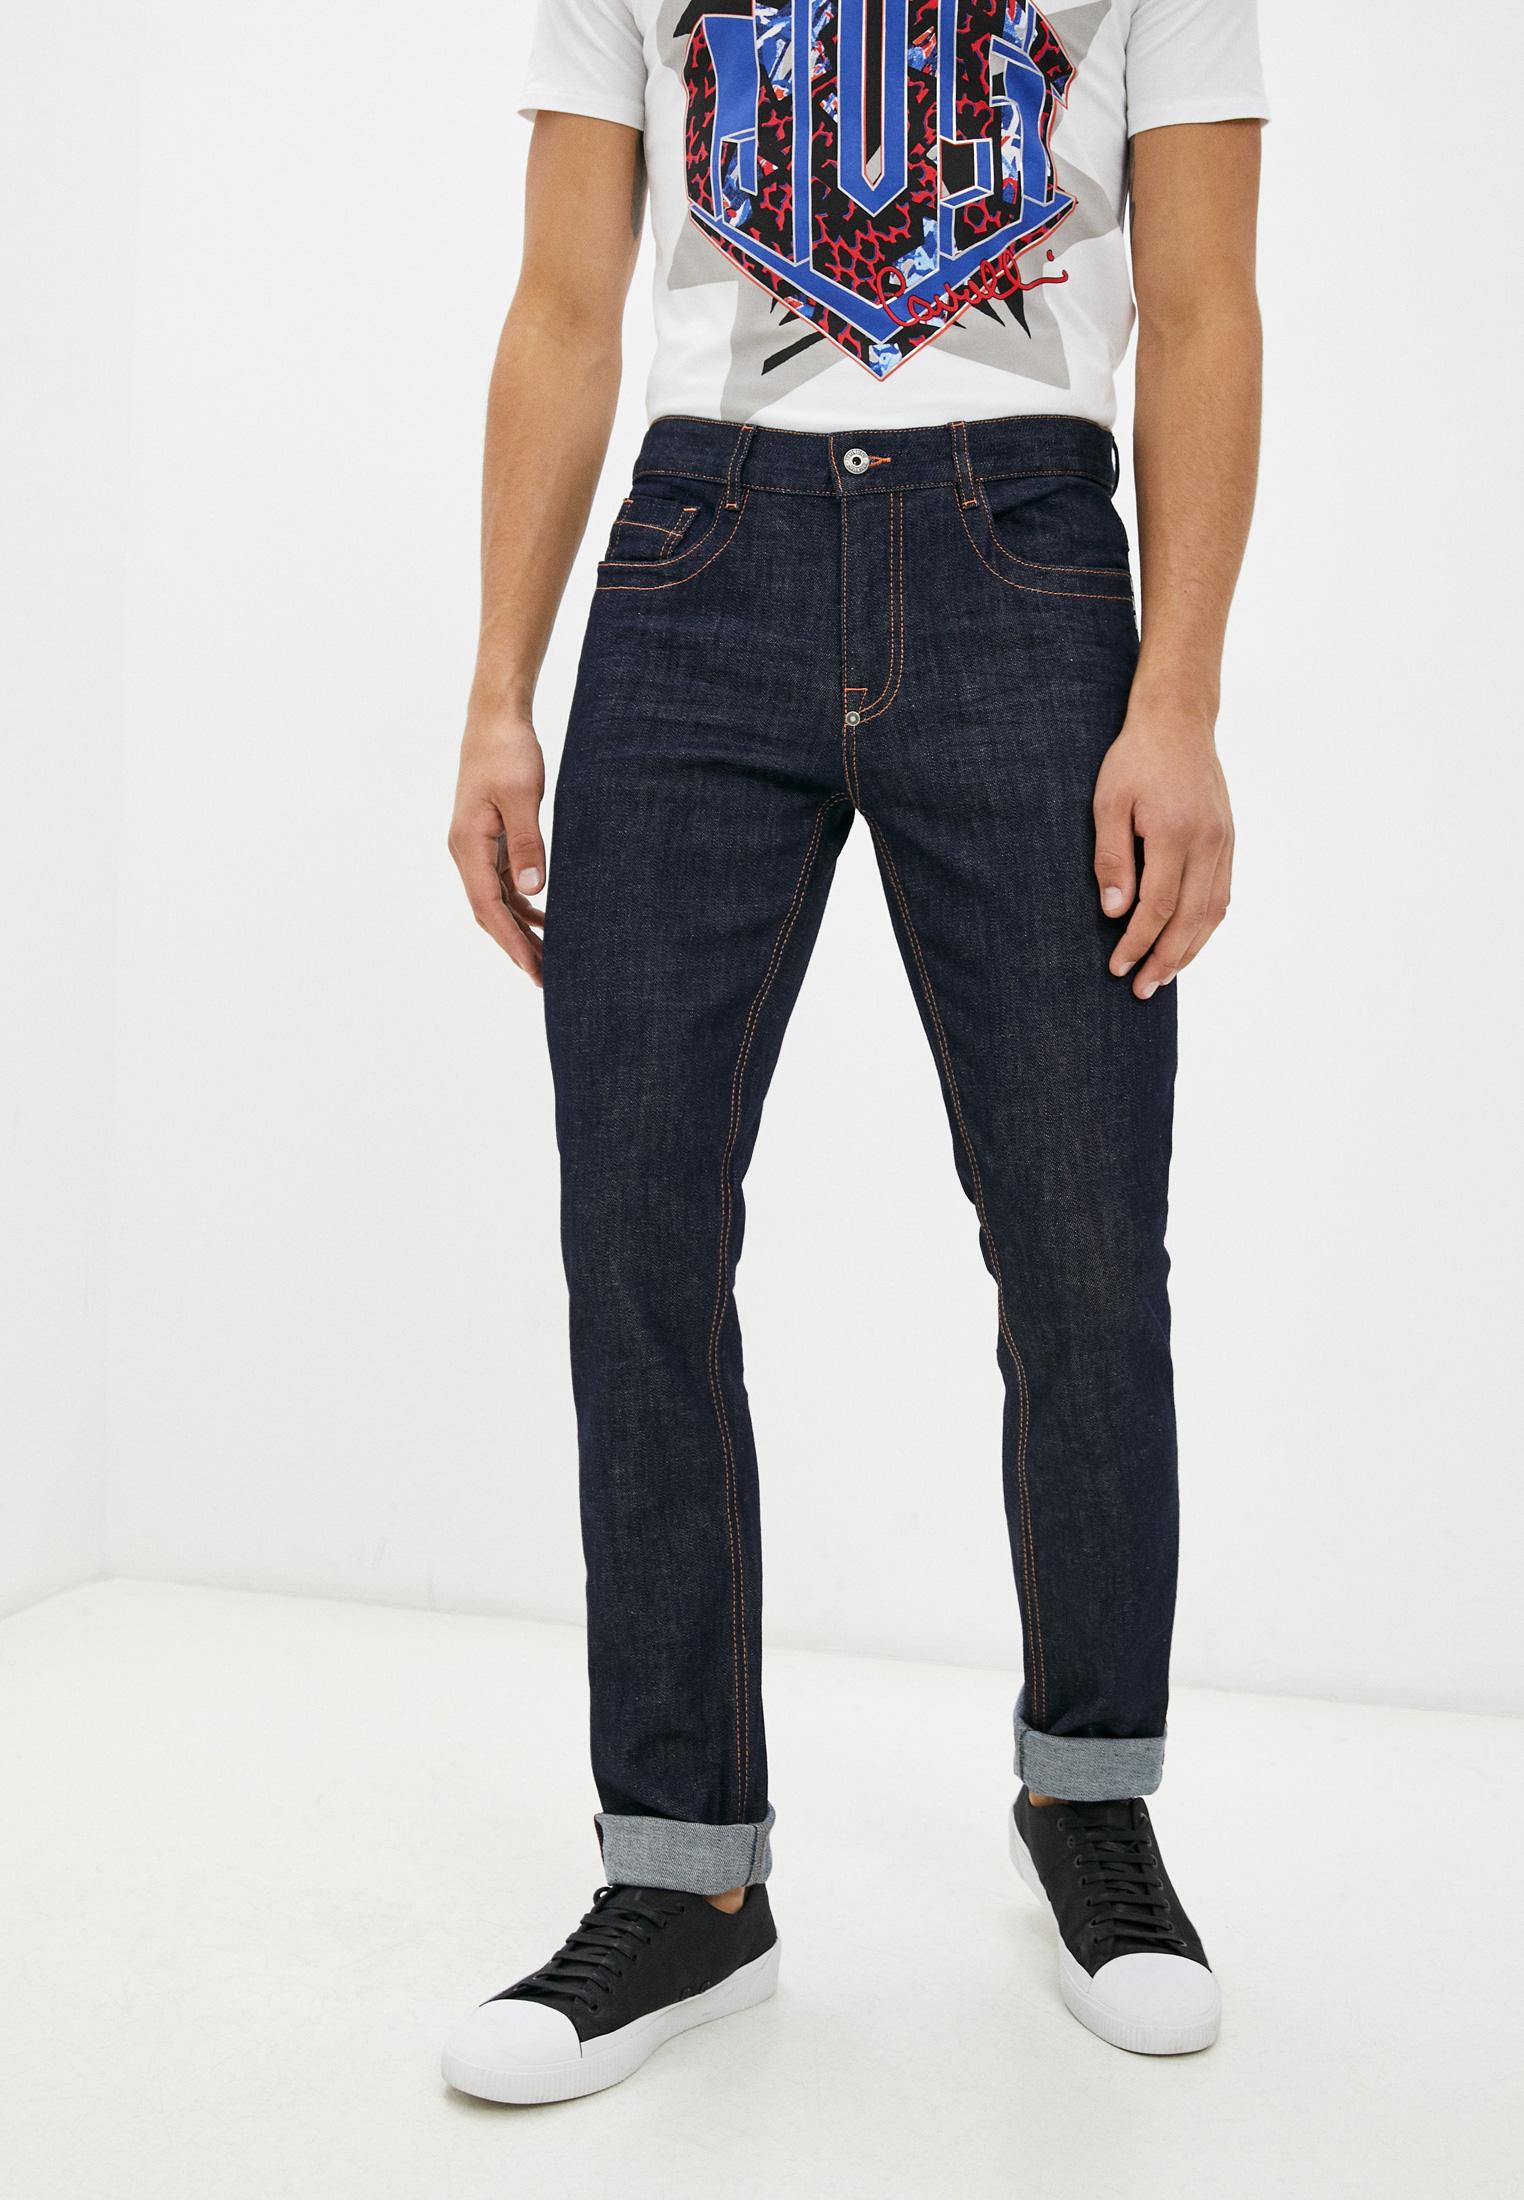 Мужские прямые джинсы Bikkembergs (Биккембергс) C Q 102 03 S 3393: изображение 6